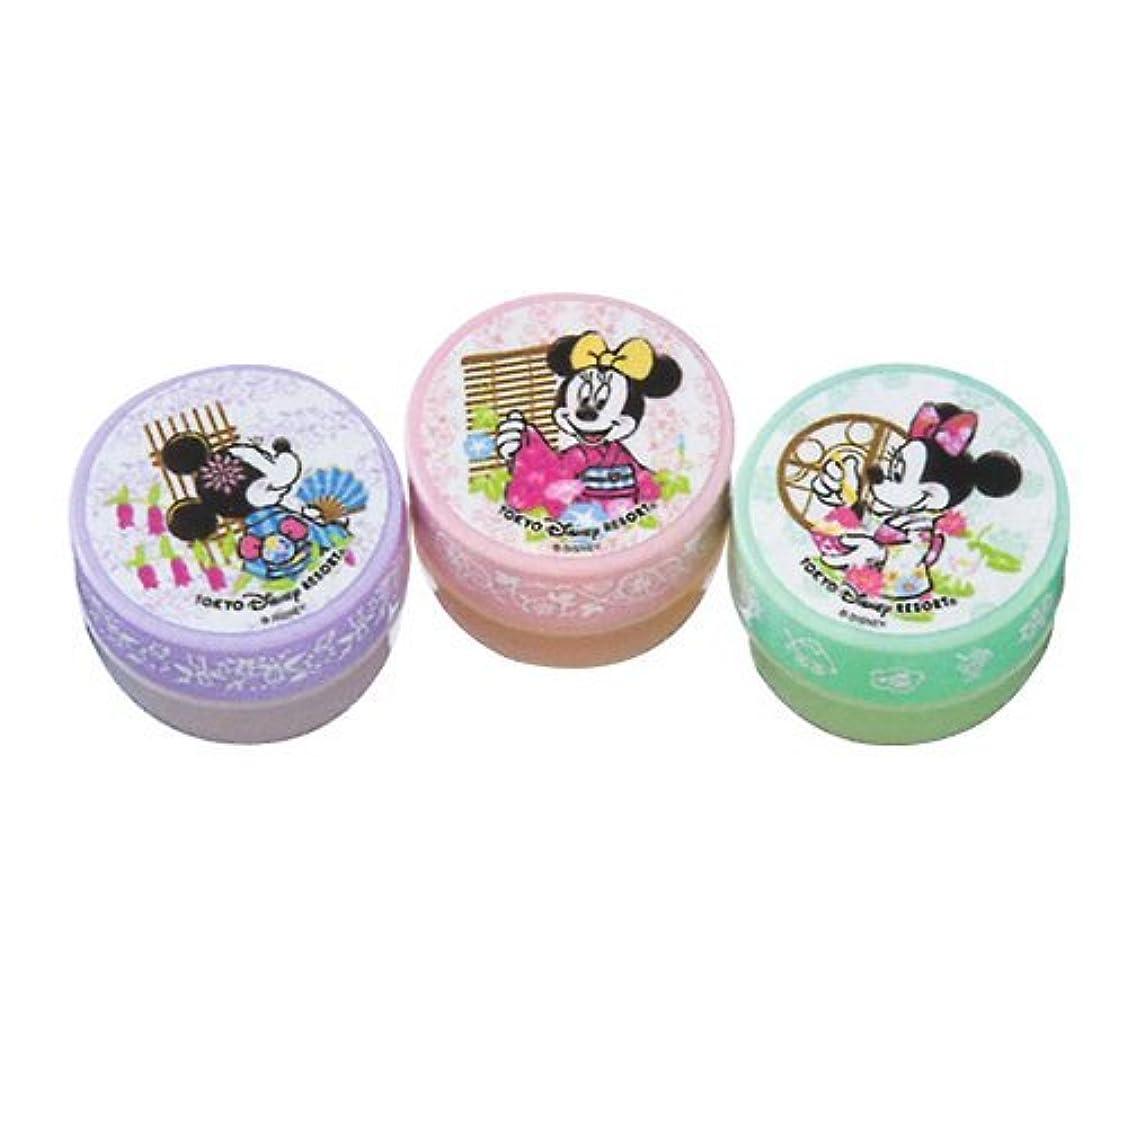 誓約けん引砂のミニーマウス ハンドクリームセット 浴衣柄 【東京ディズニーリゾート限定】